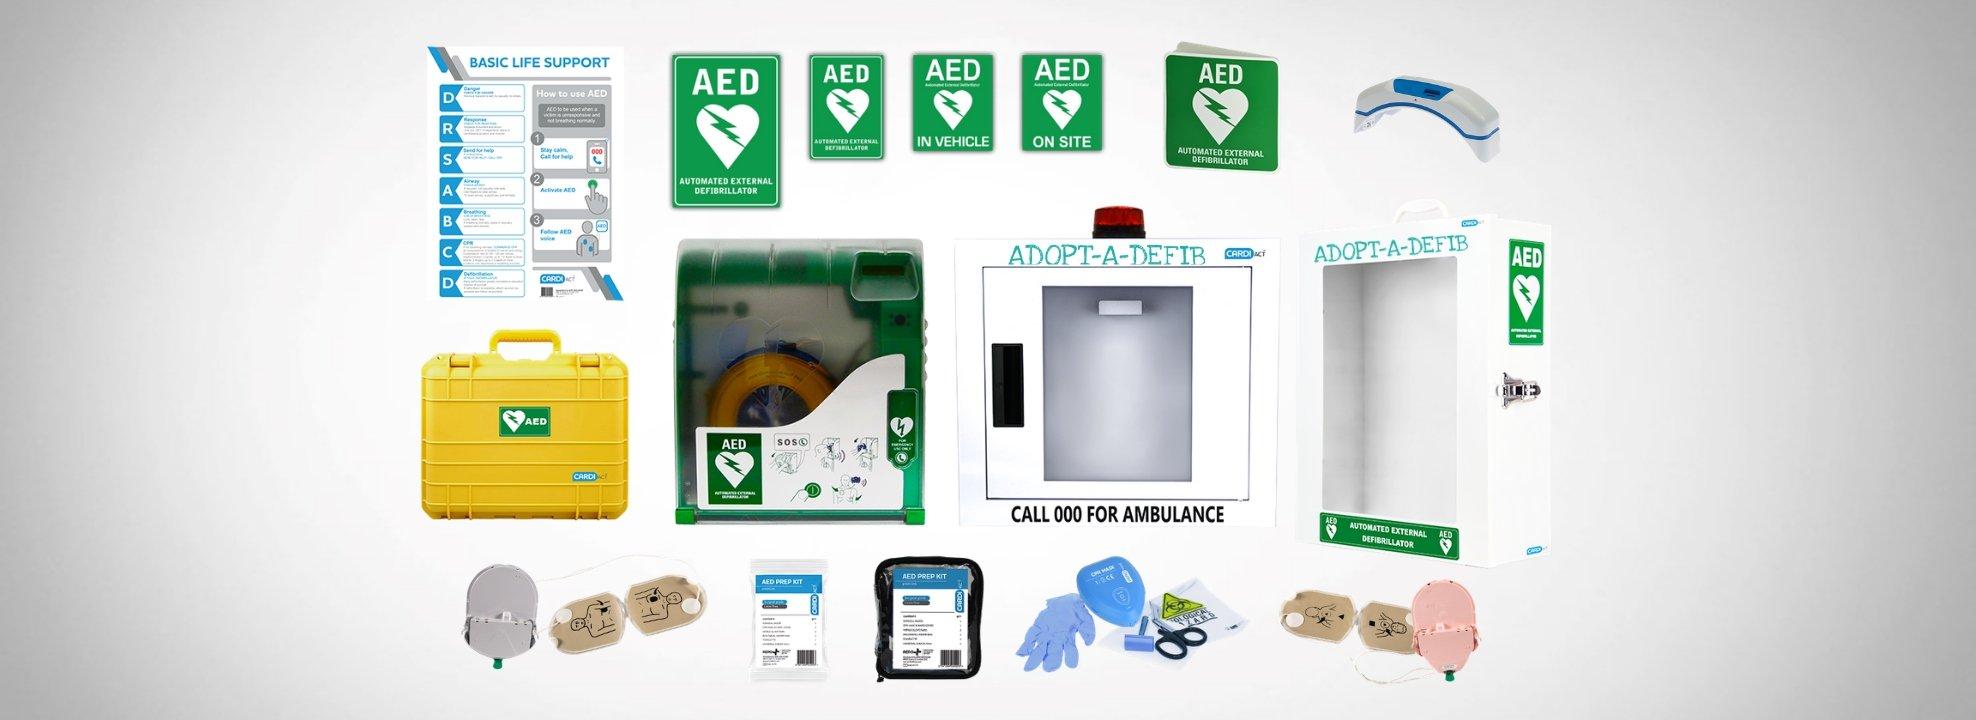 Additional Defibrillator Accessories